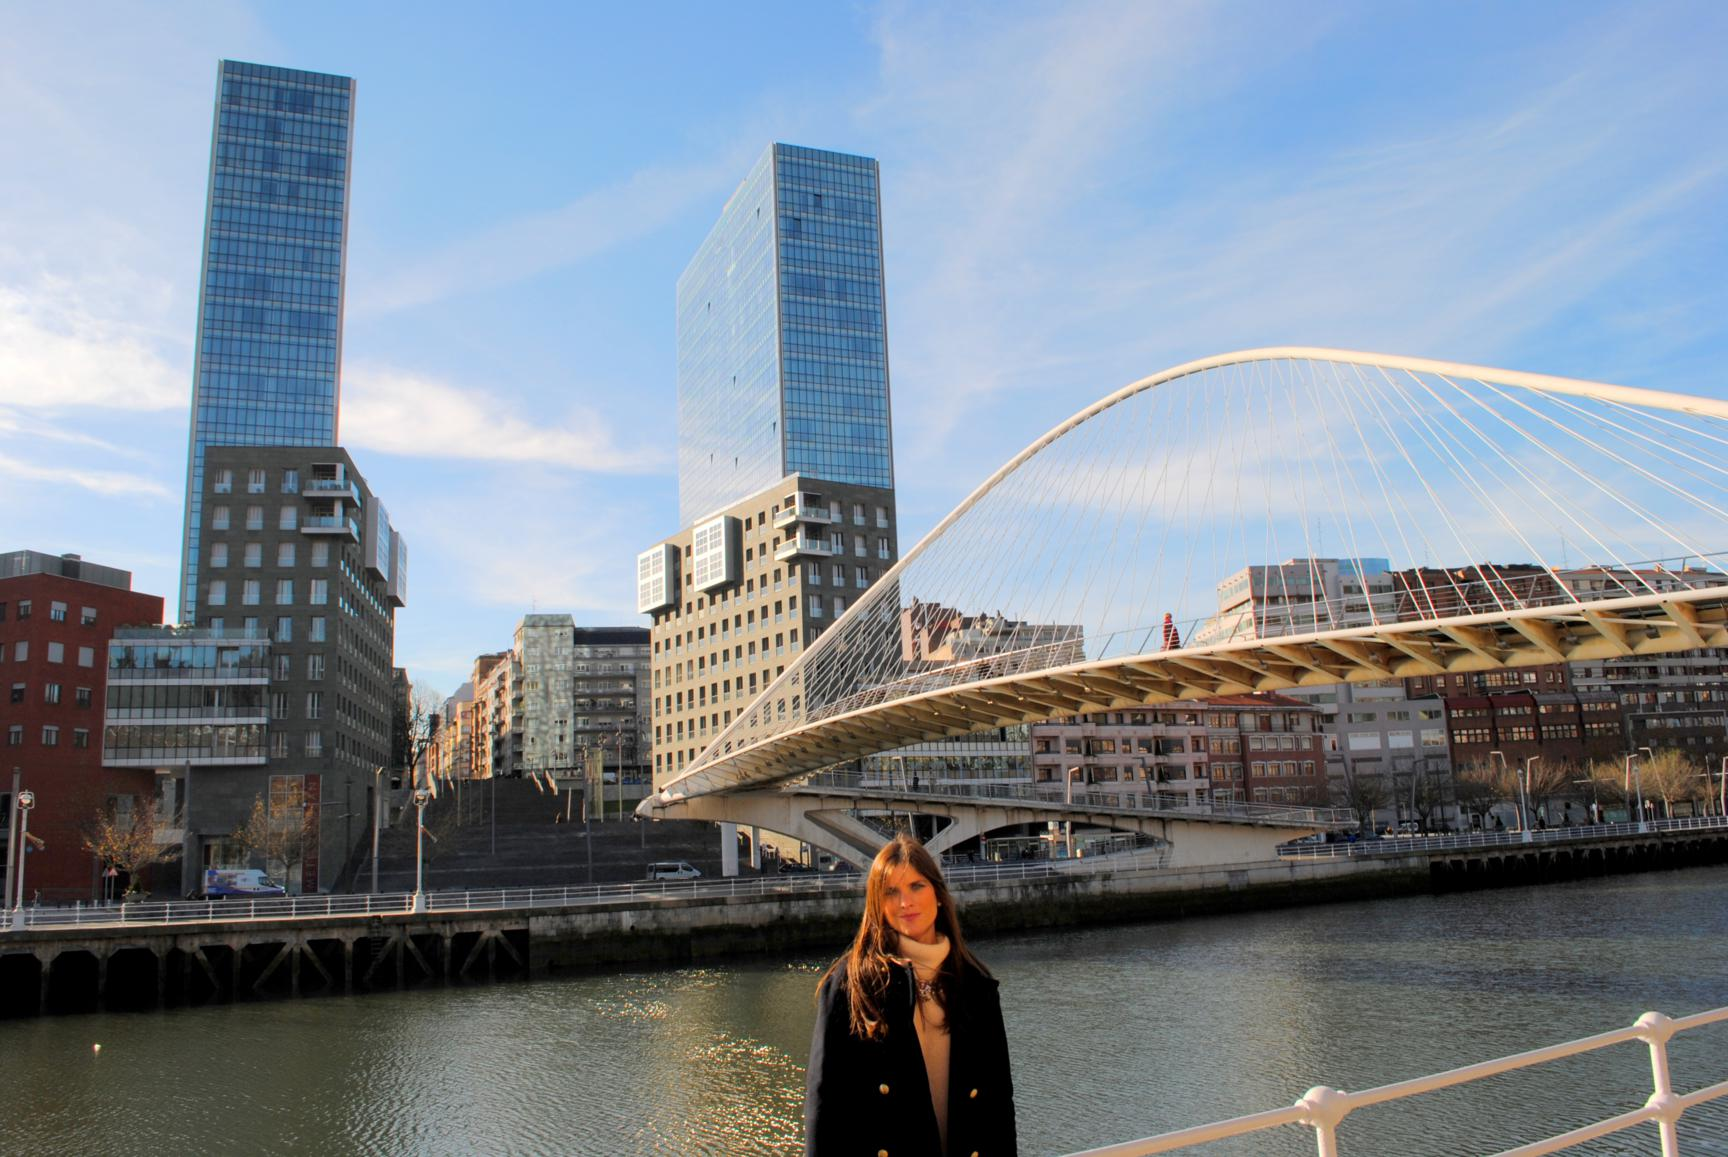 que-ver-bilbao-zubizuri-puente-calatrava